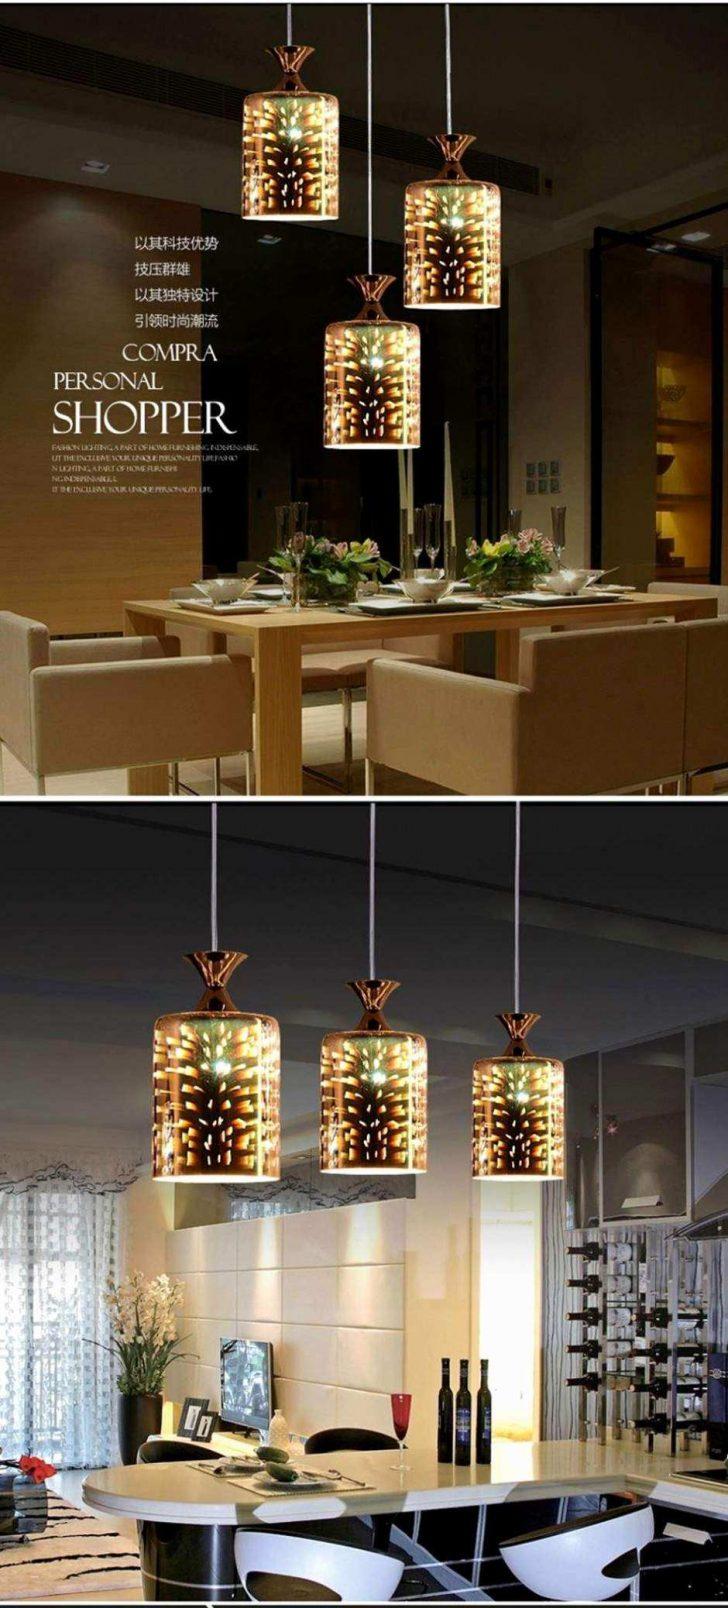 Medium Size of Deckenleuchten Wohnzimmer Design Deckenleuchte Vintage Modern Led Ebay Dimmbar Holz Kleinanzeigen Ikea Holzdecke Schwarz Rund Flache Luxus Elegant Sessel Wohnzimmer Deckenleuchte Wohnzimmer